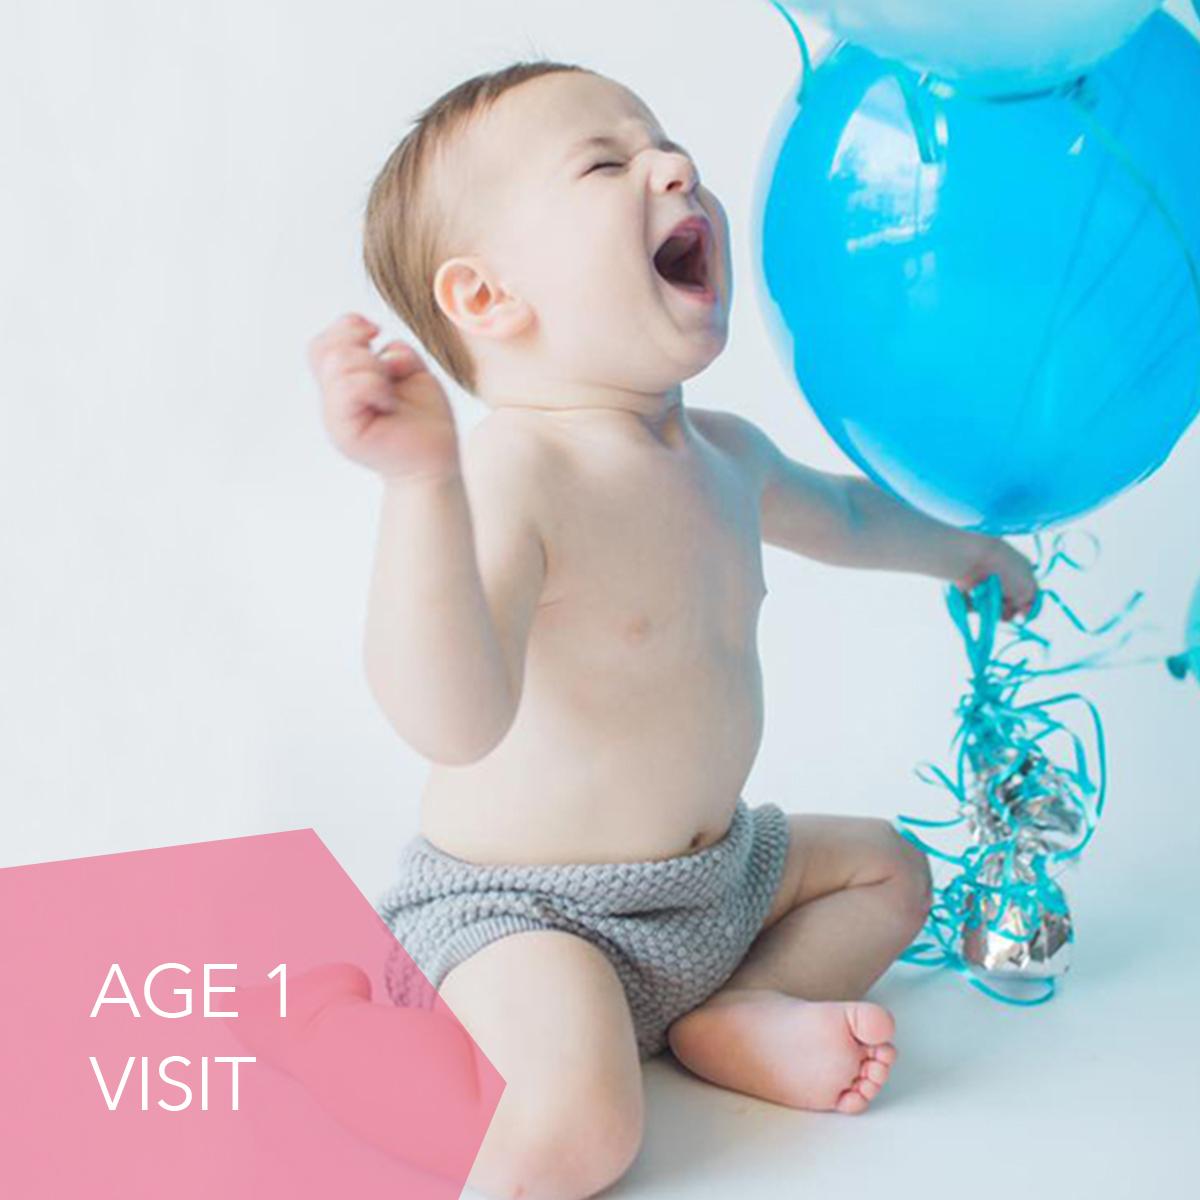 age one visit.jpg